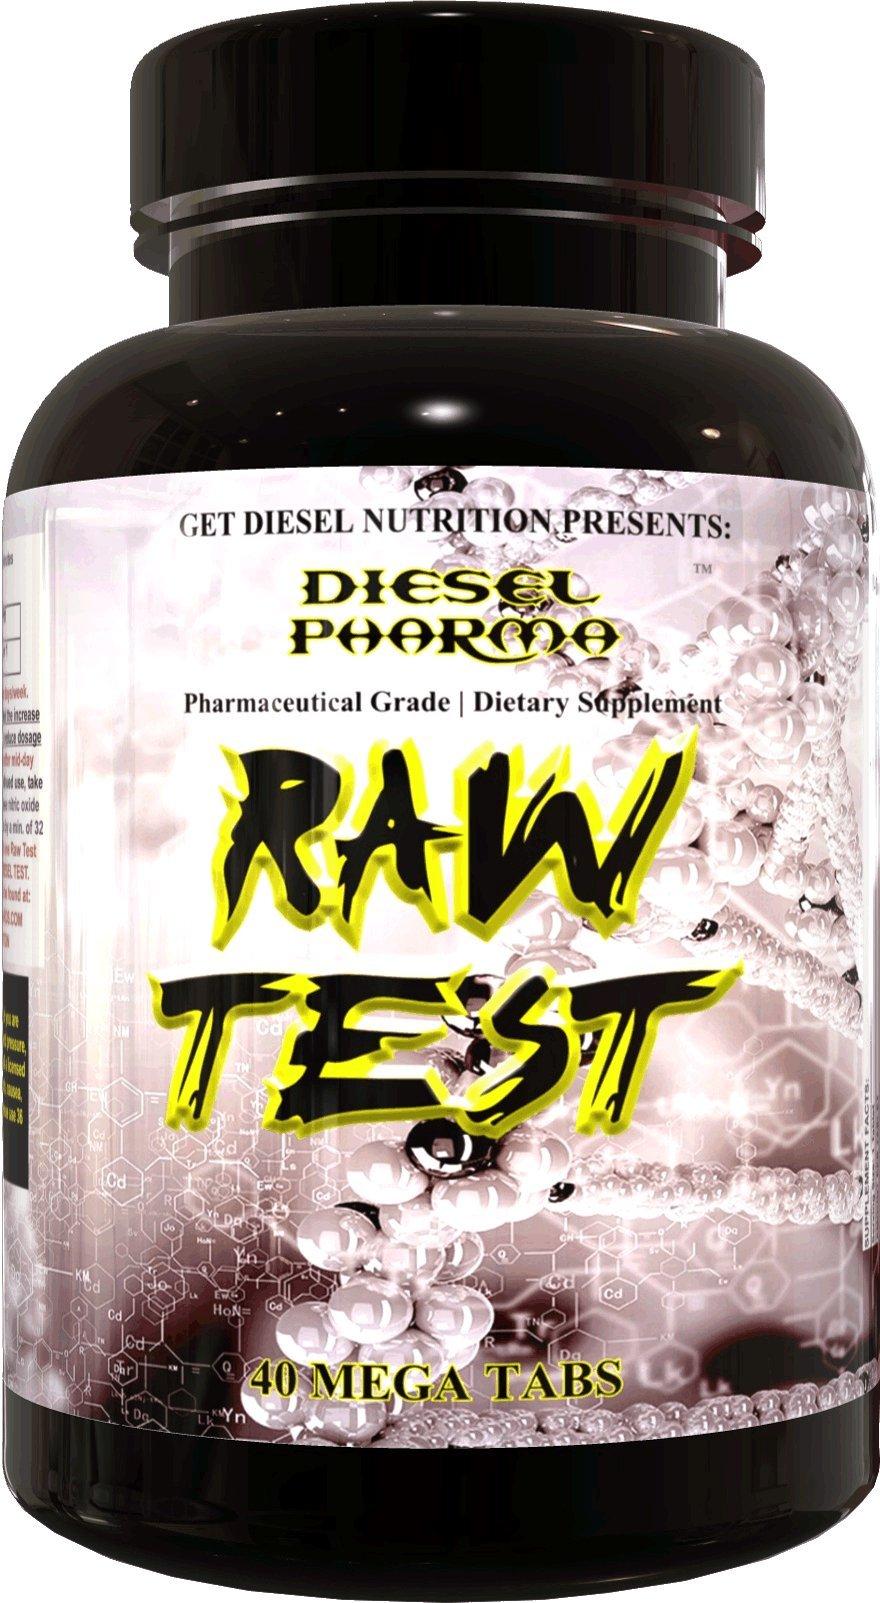 GET DIESEL Raw Test Potent affordable Test Booster, 40 Mega Tabs